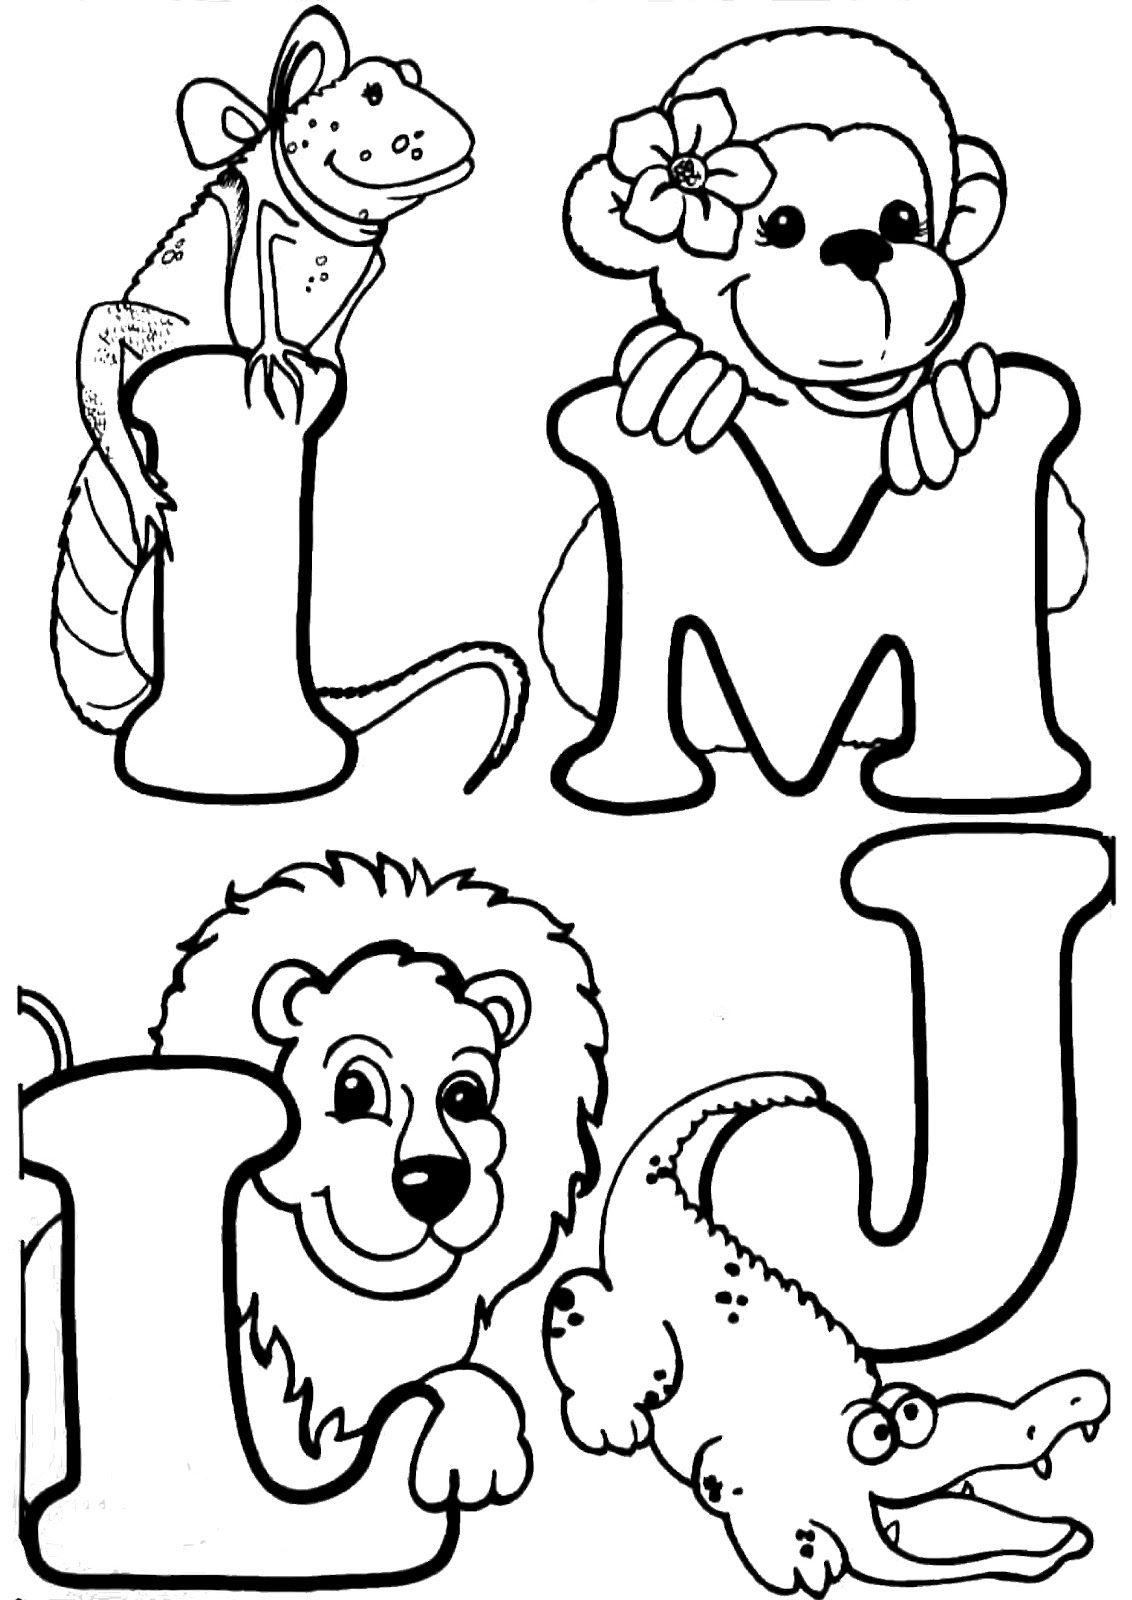 Letras Del Abecedario Para Colorear Dibujos Imagixs | LAURIE ...